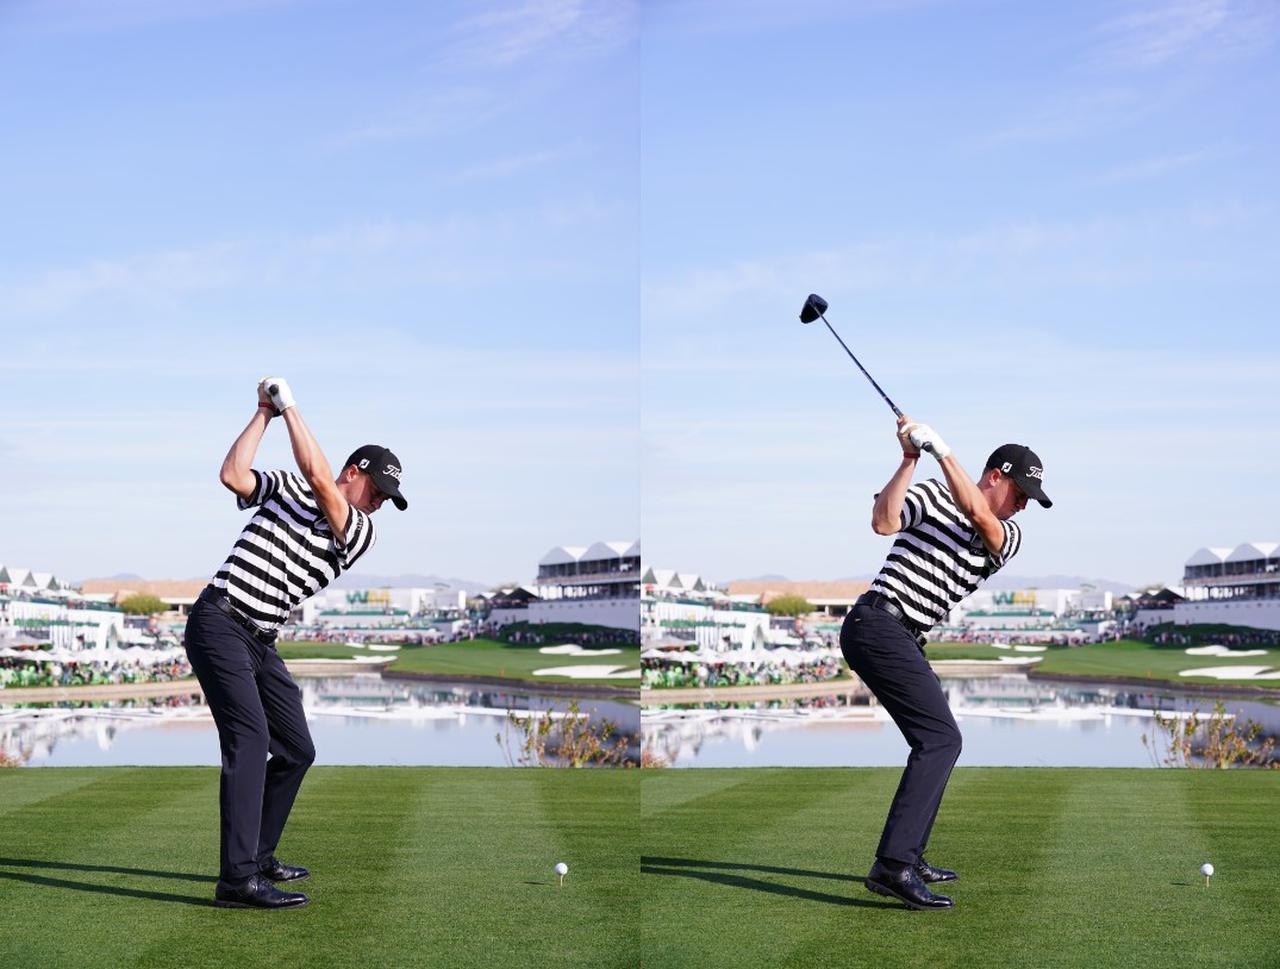 画像: 画像A:トップで飛球線と平行になったクラブの向き(左)が切り返しで飛球線よりも左を向き左手首も手のひら側に折れる(写真は2019年フェニックスオープン 写真/姉崎正)